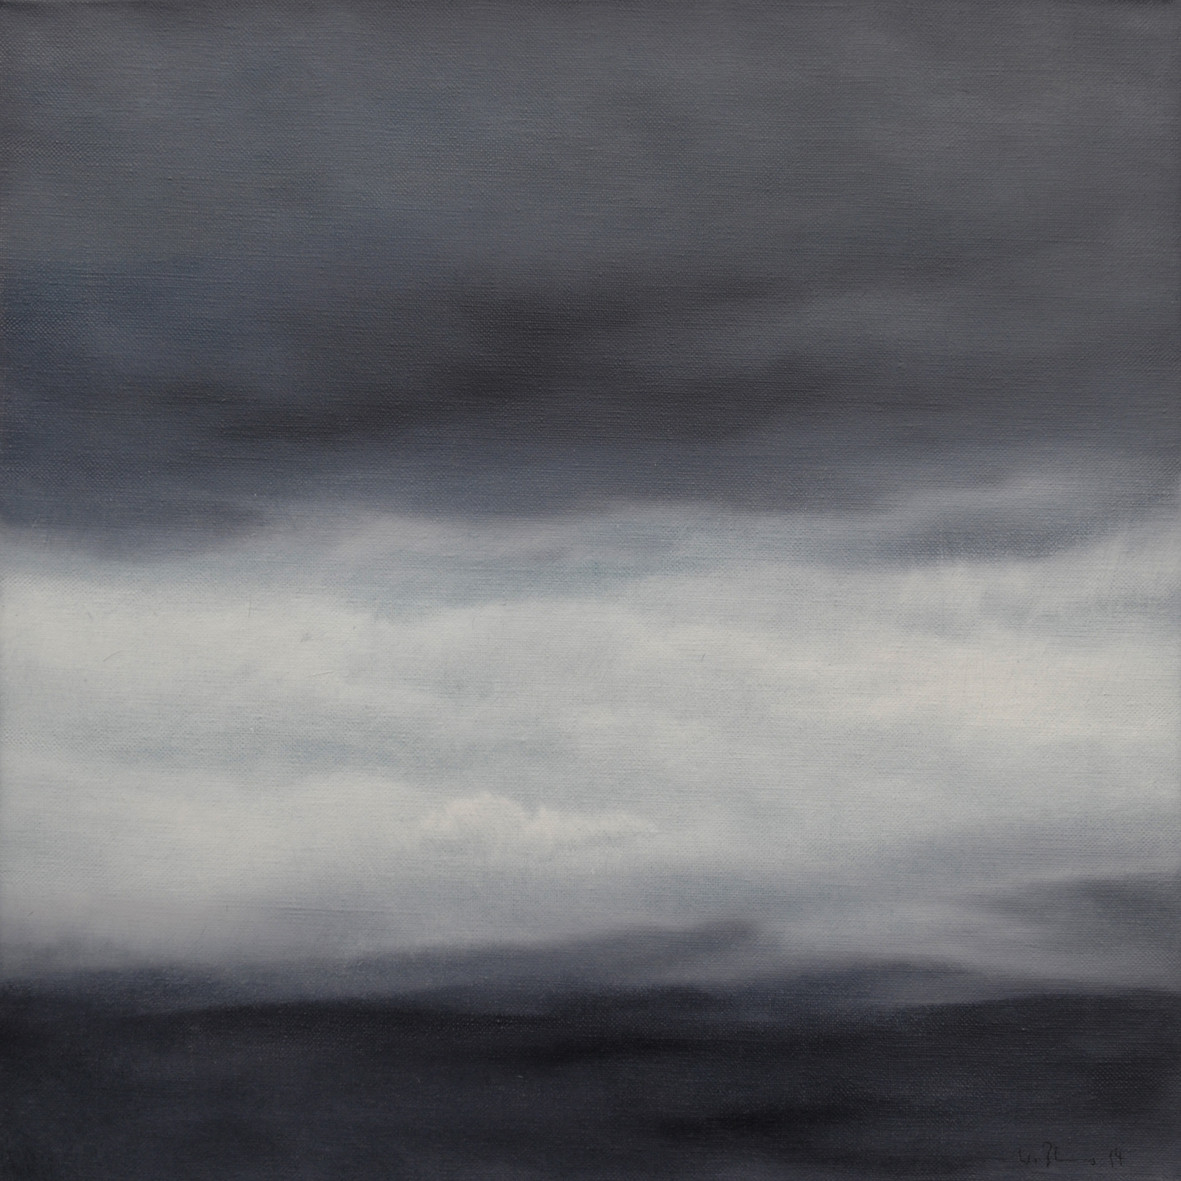 KOMPOSITION 2, 2014, Öl/Lwd., 50 x 50cm